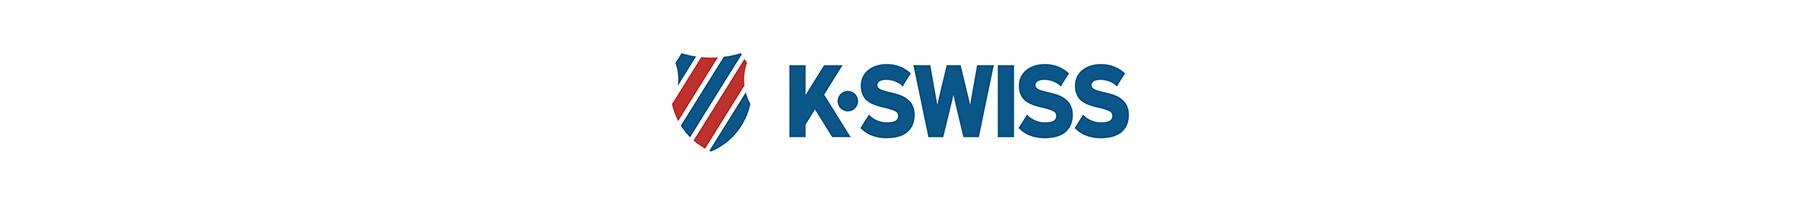 DrJays.com - K-SWISS